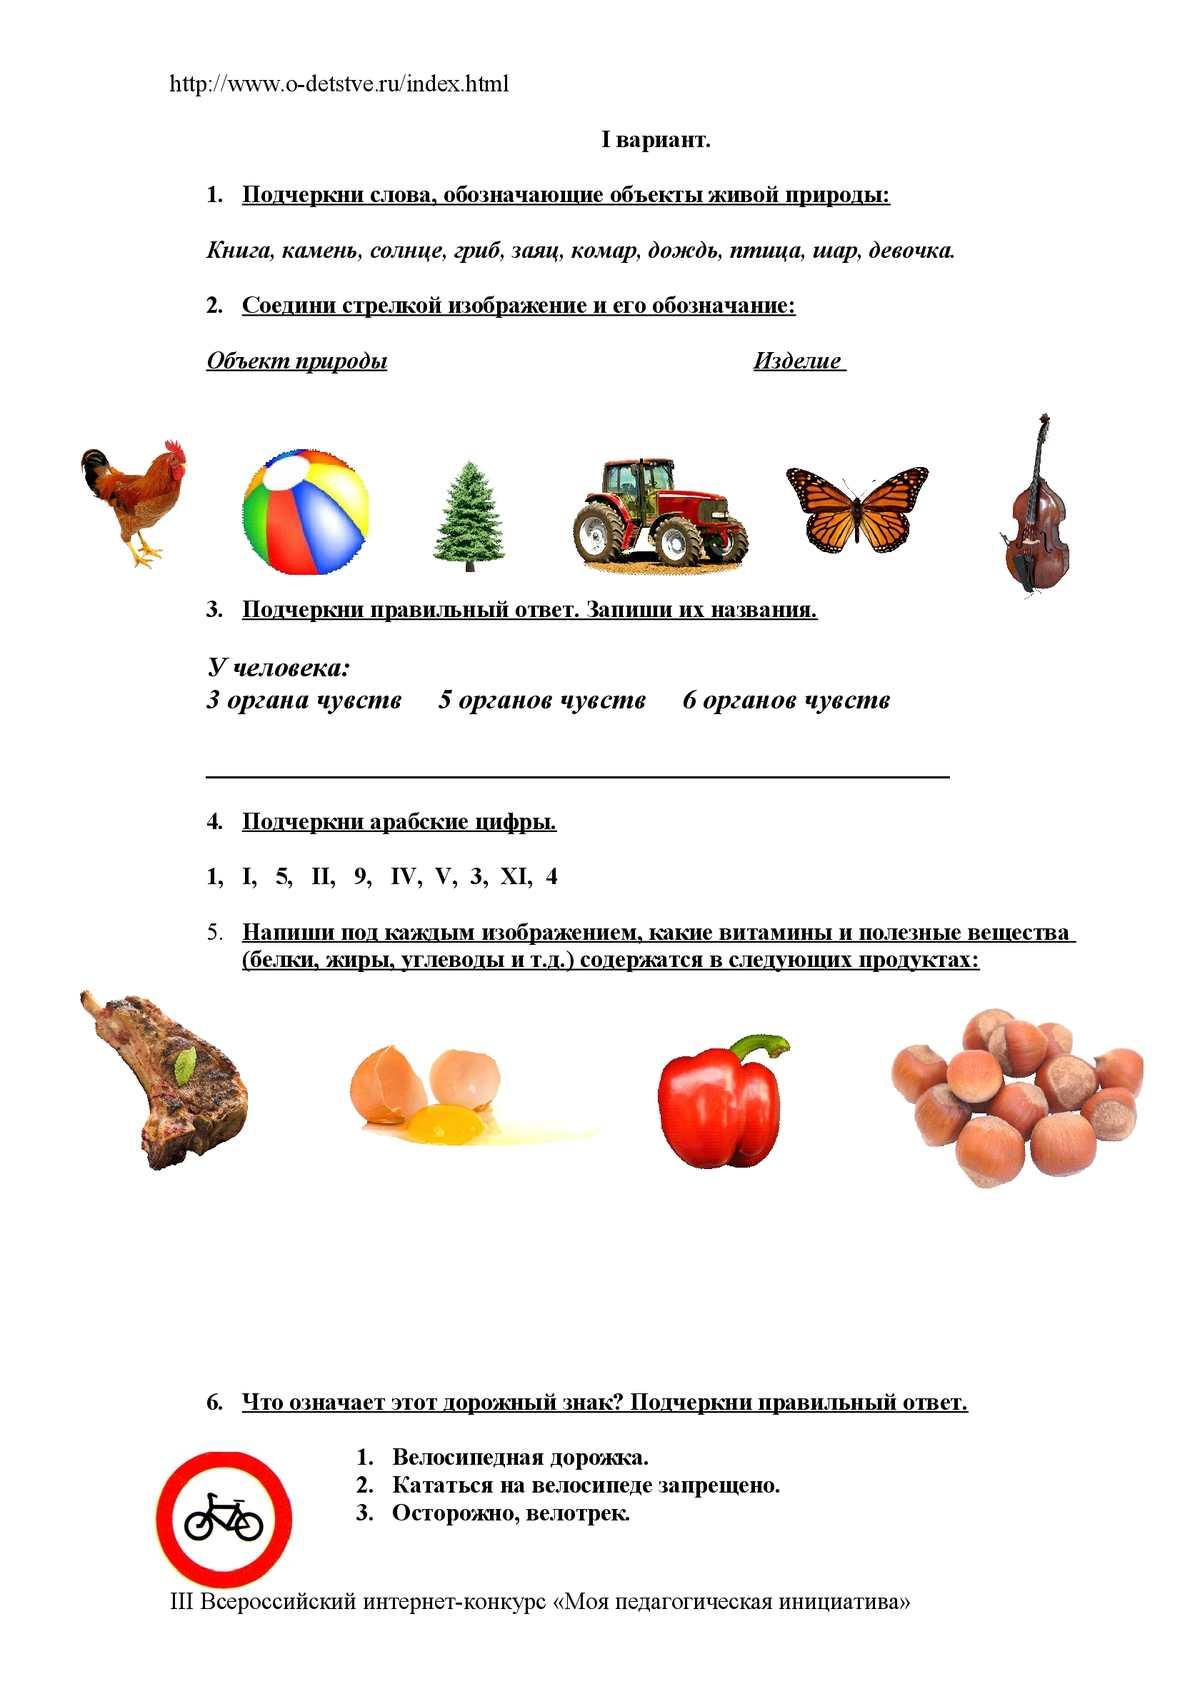 Контрольный тест по окружающему миру за 1-ю четверть УМК Начальная школа. 21 век. 2-й класс